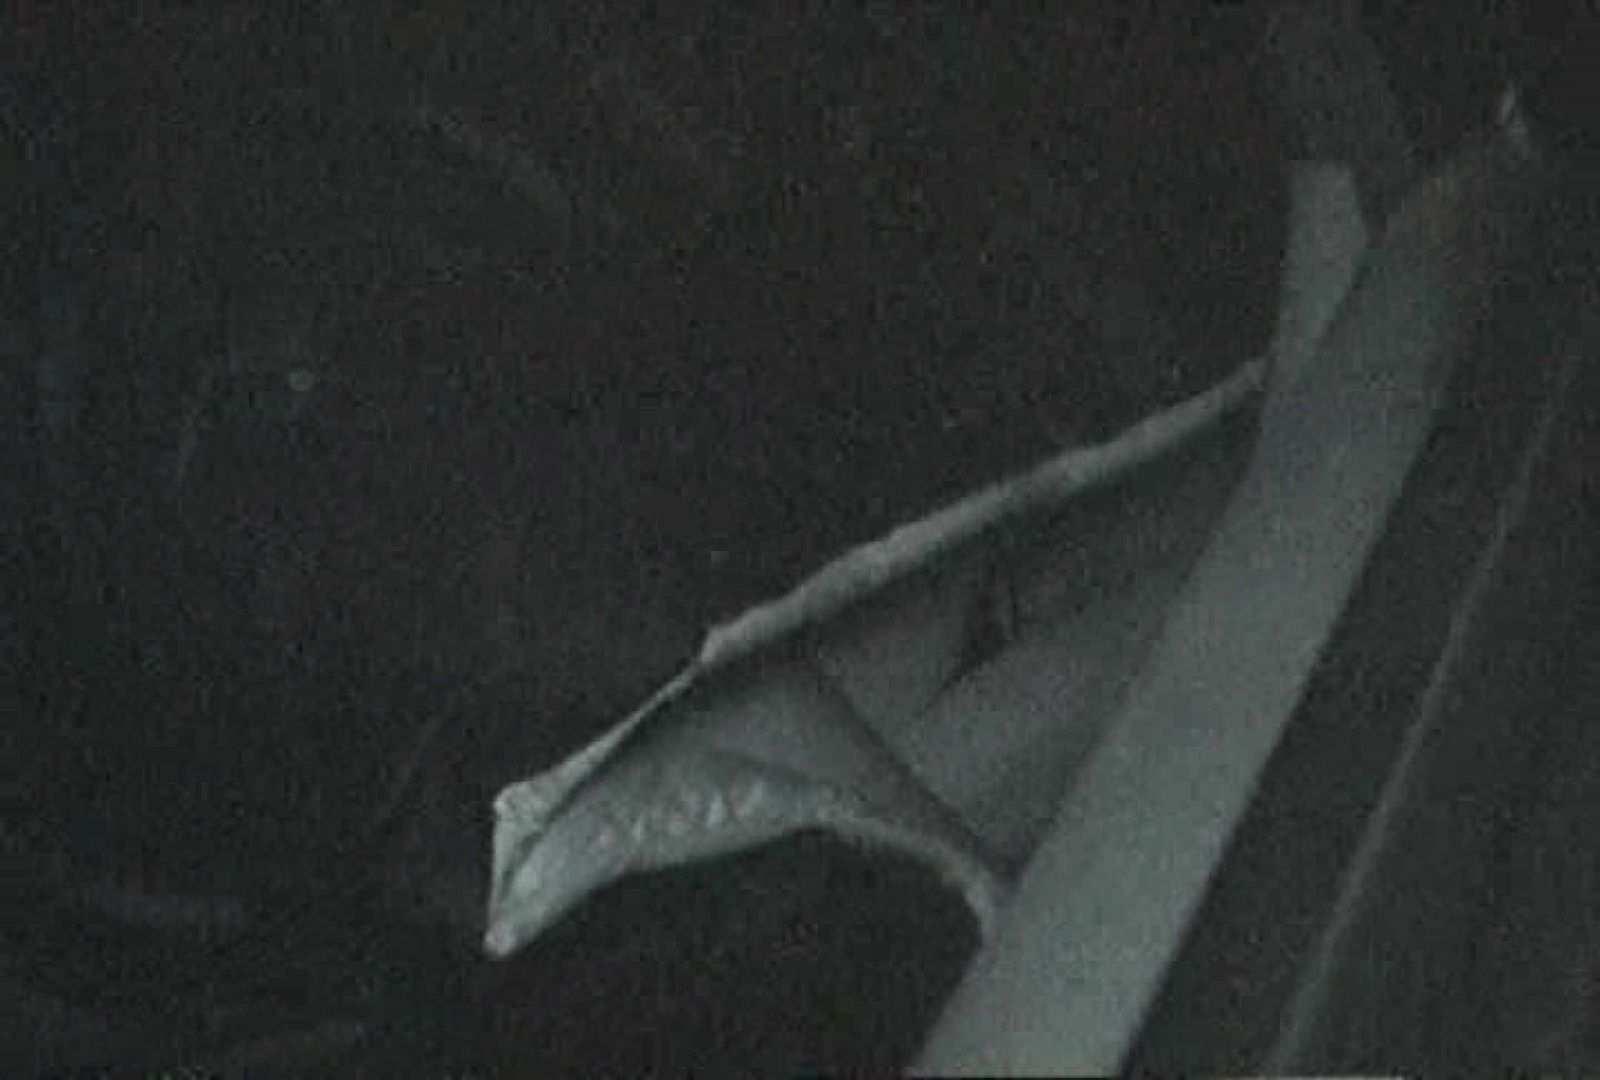 充血監督の深夜の運動会Vol.88 お姉さんヌード 盗撮えろ無修正画像 51画像 7